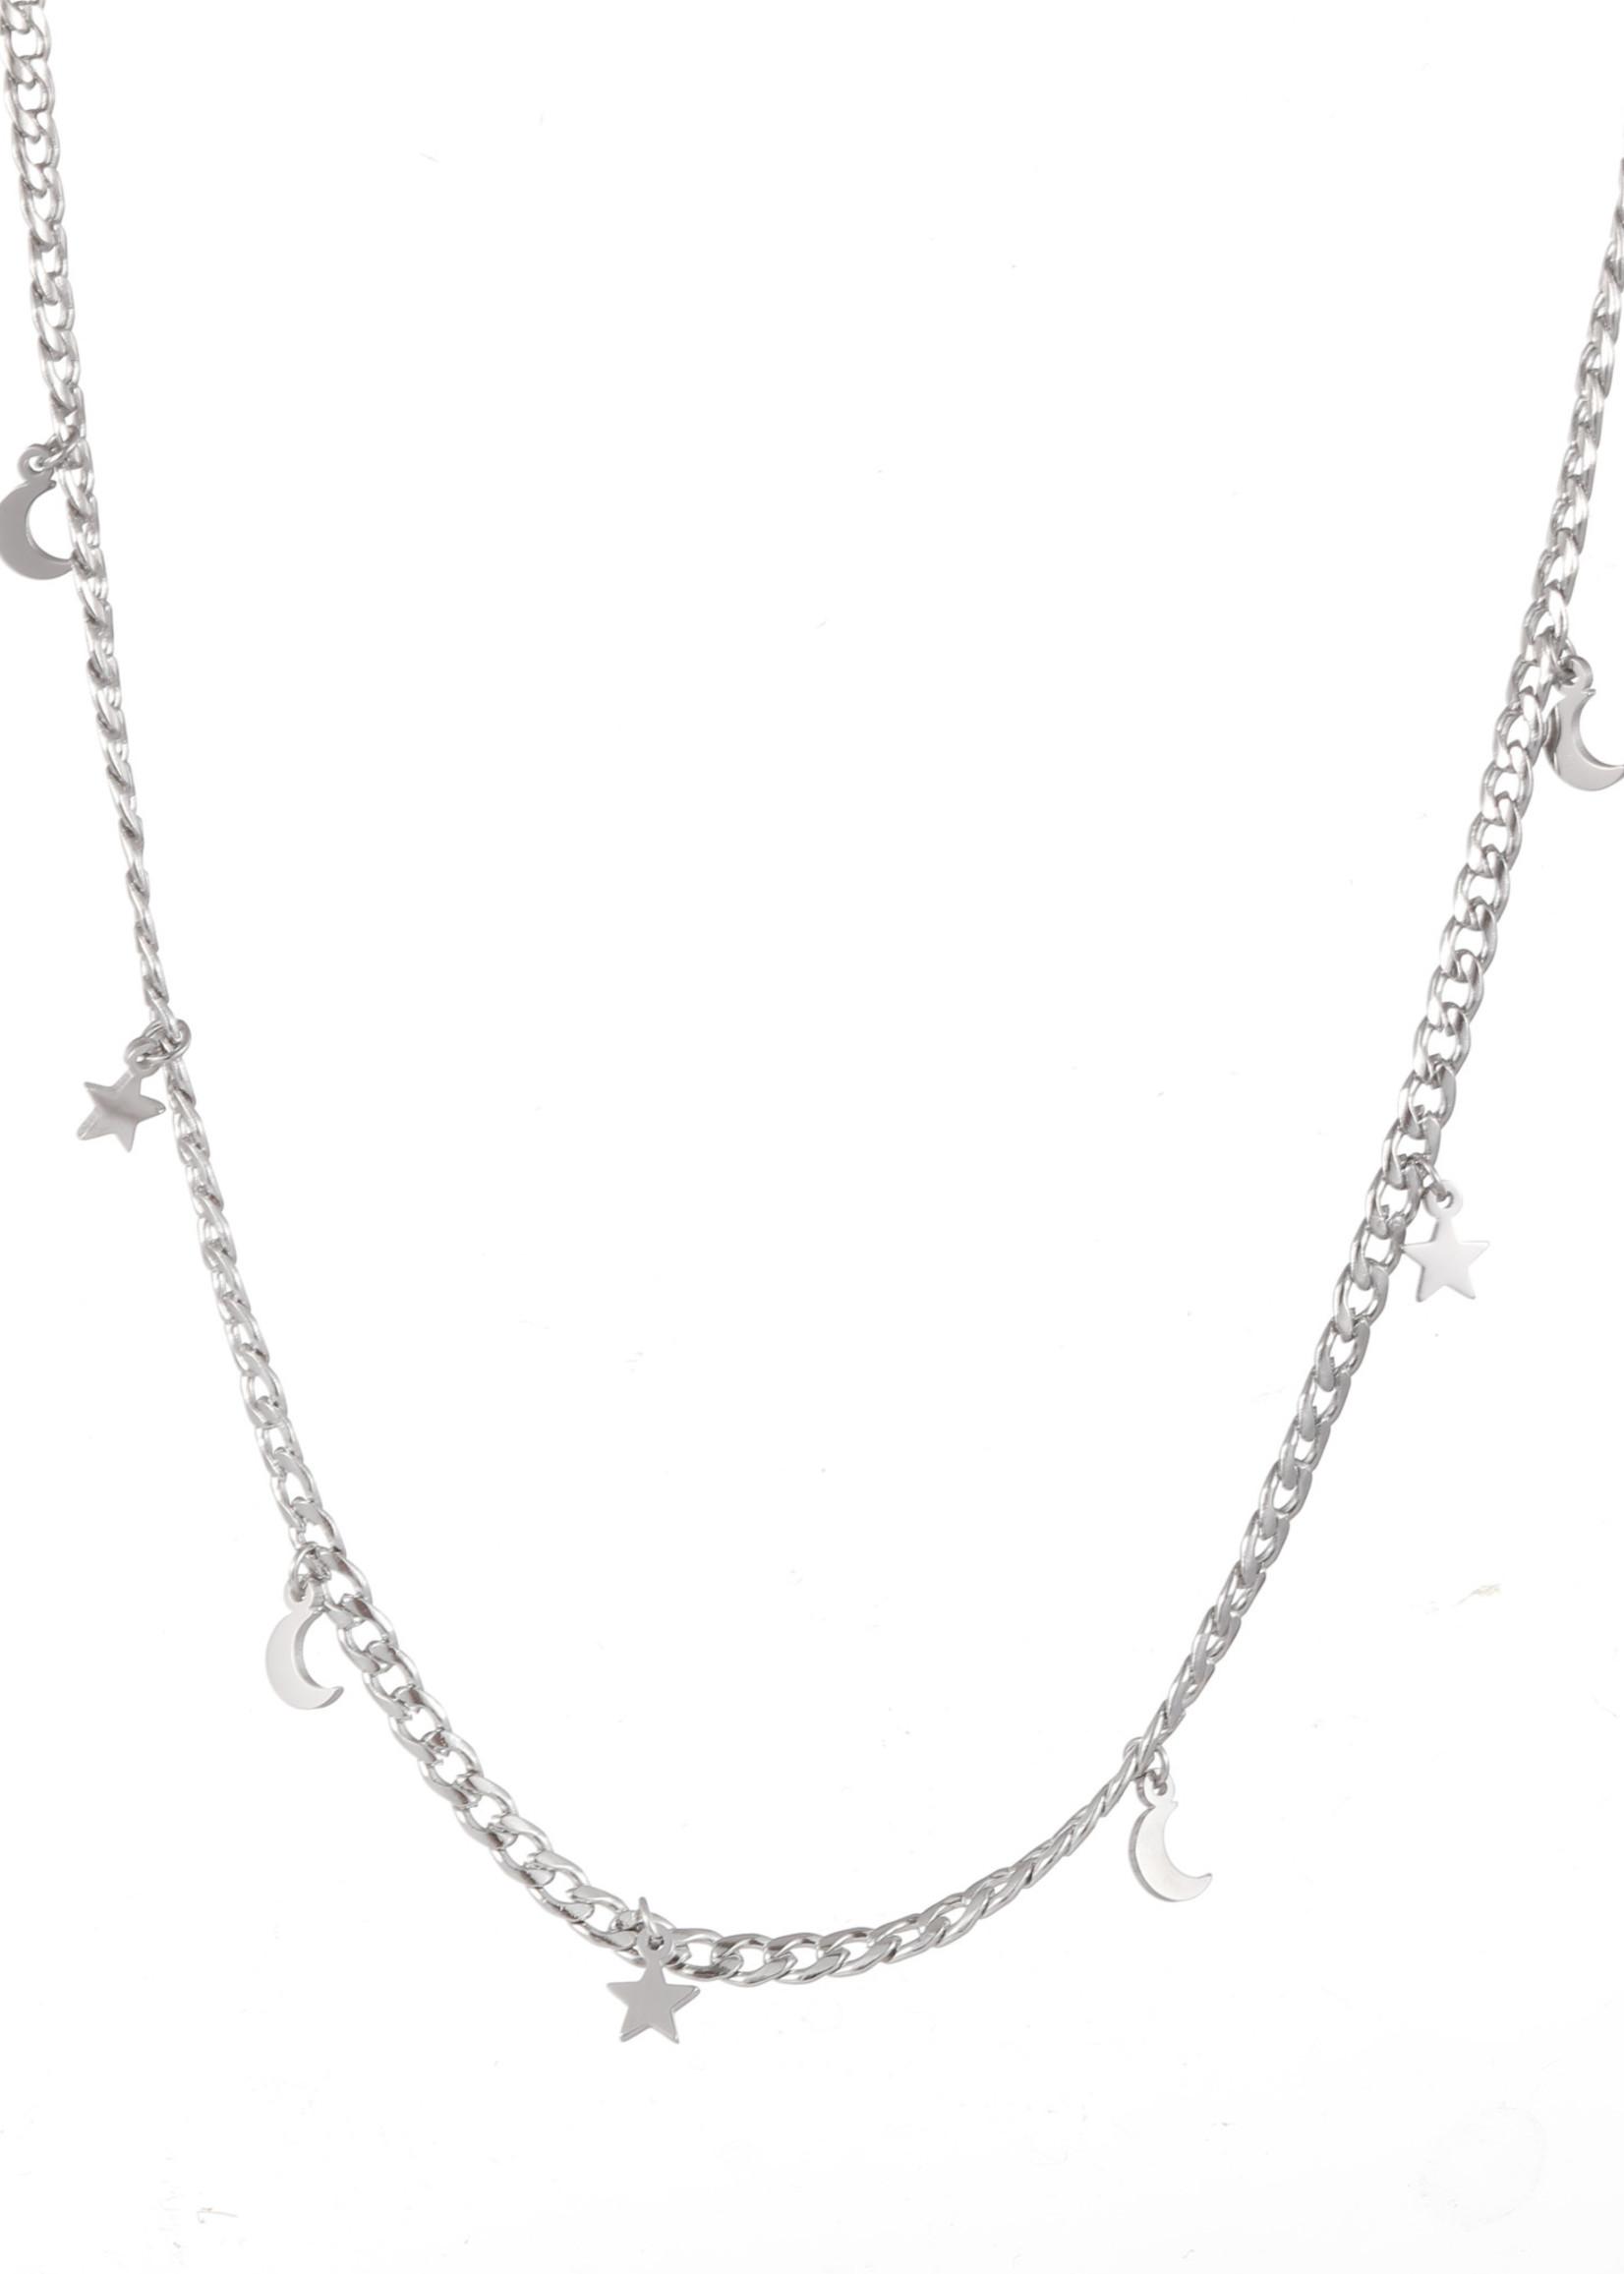 Ketting zilver sterretjes en maantjes N1773-1